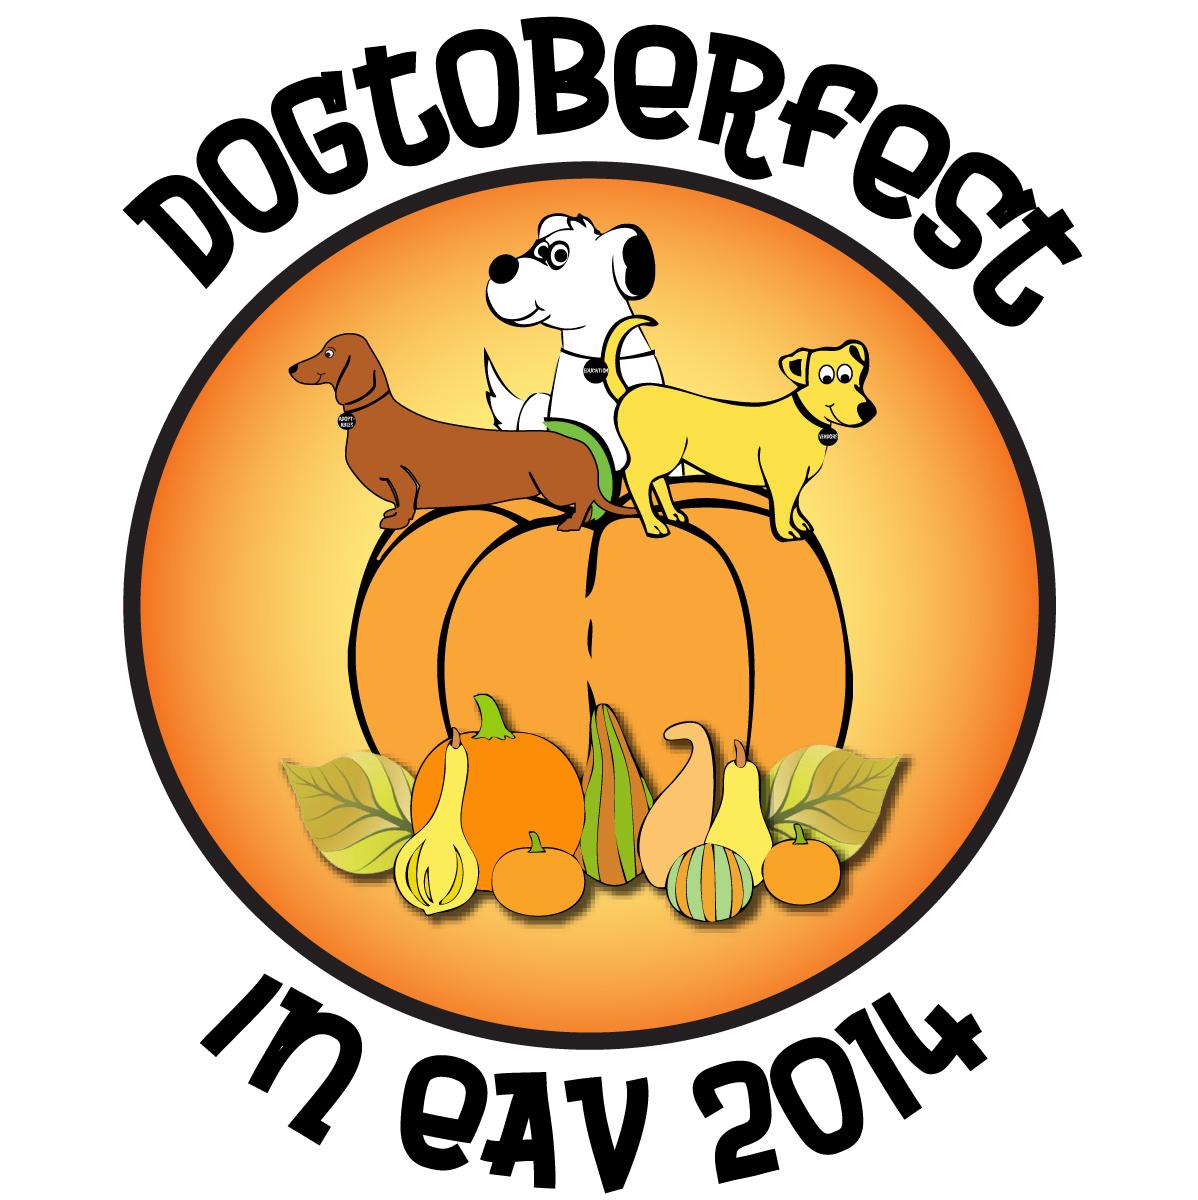 Dogtoberfest 2014